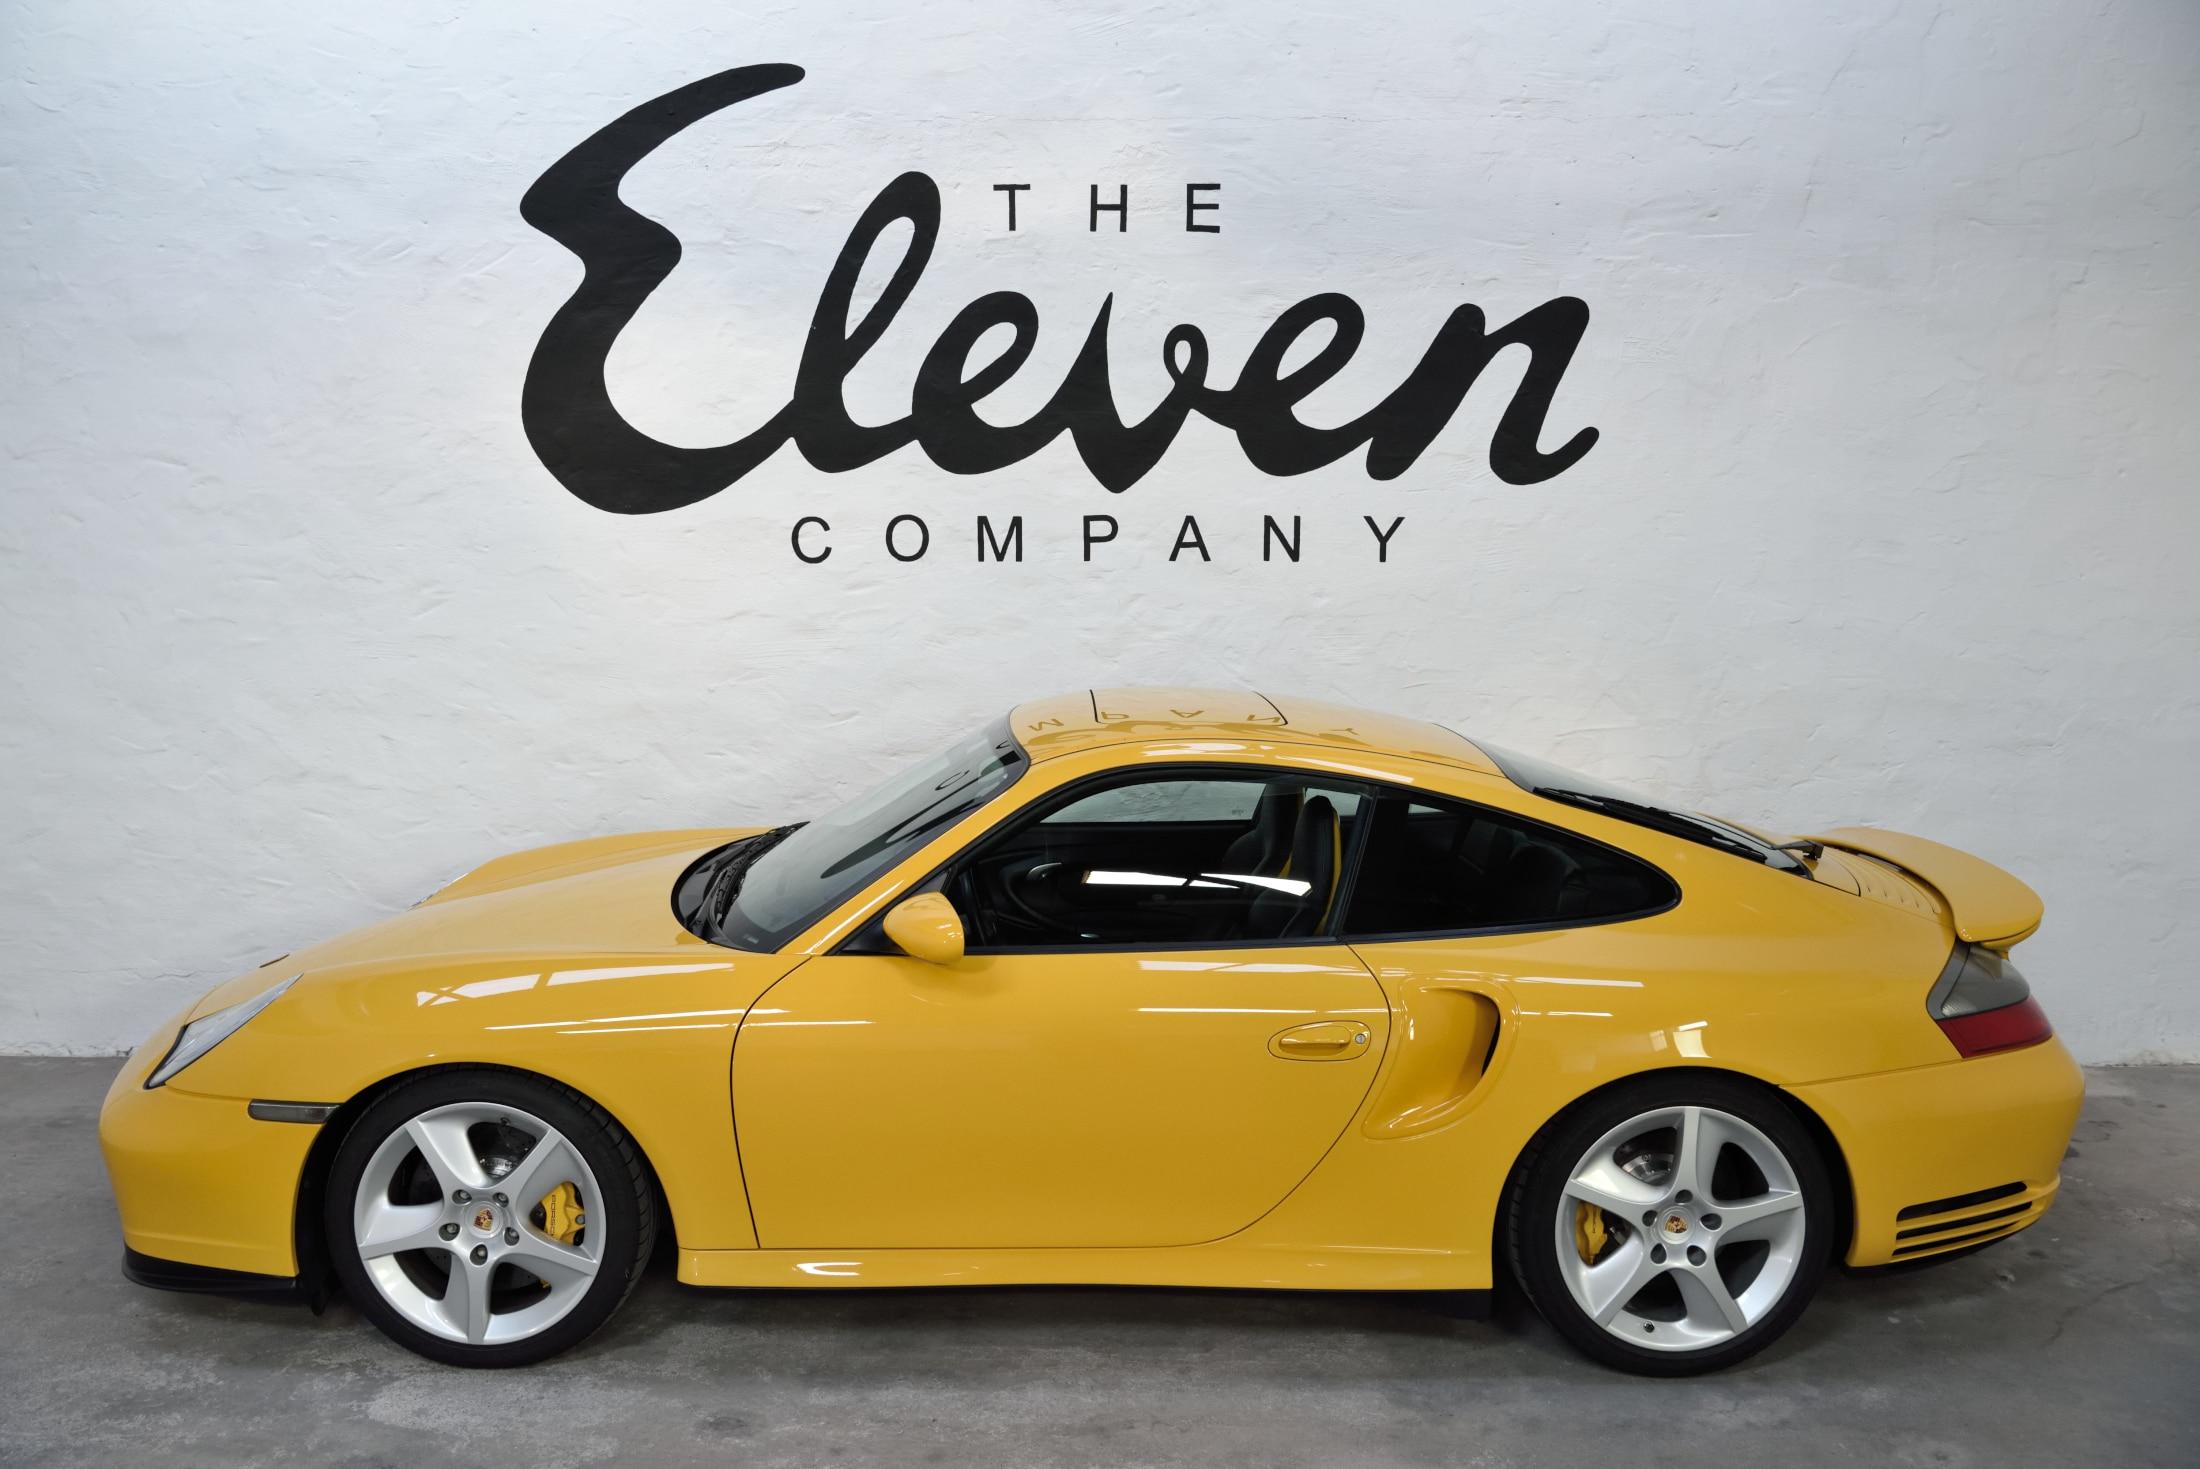 Porsche 996 Turbo speedyellow